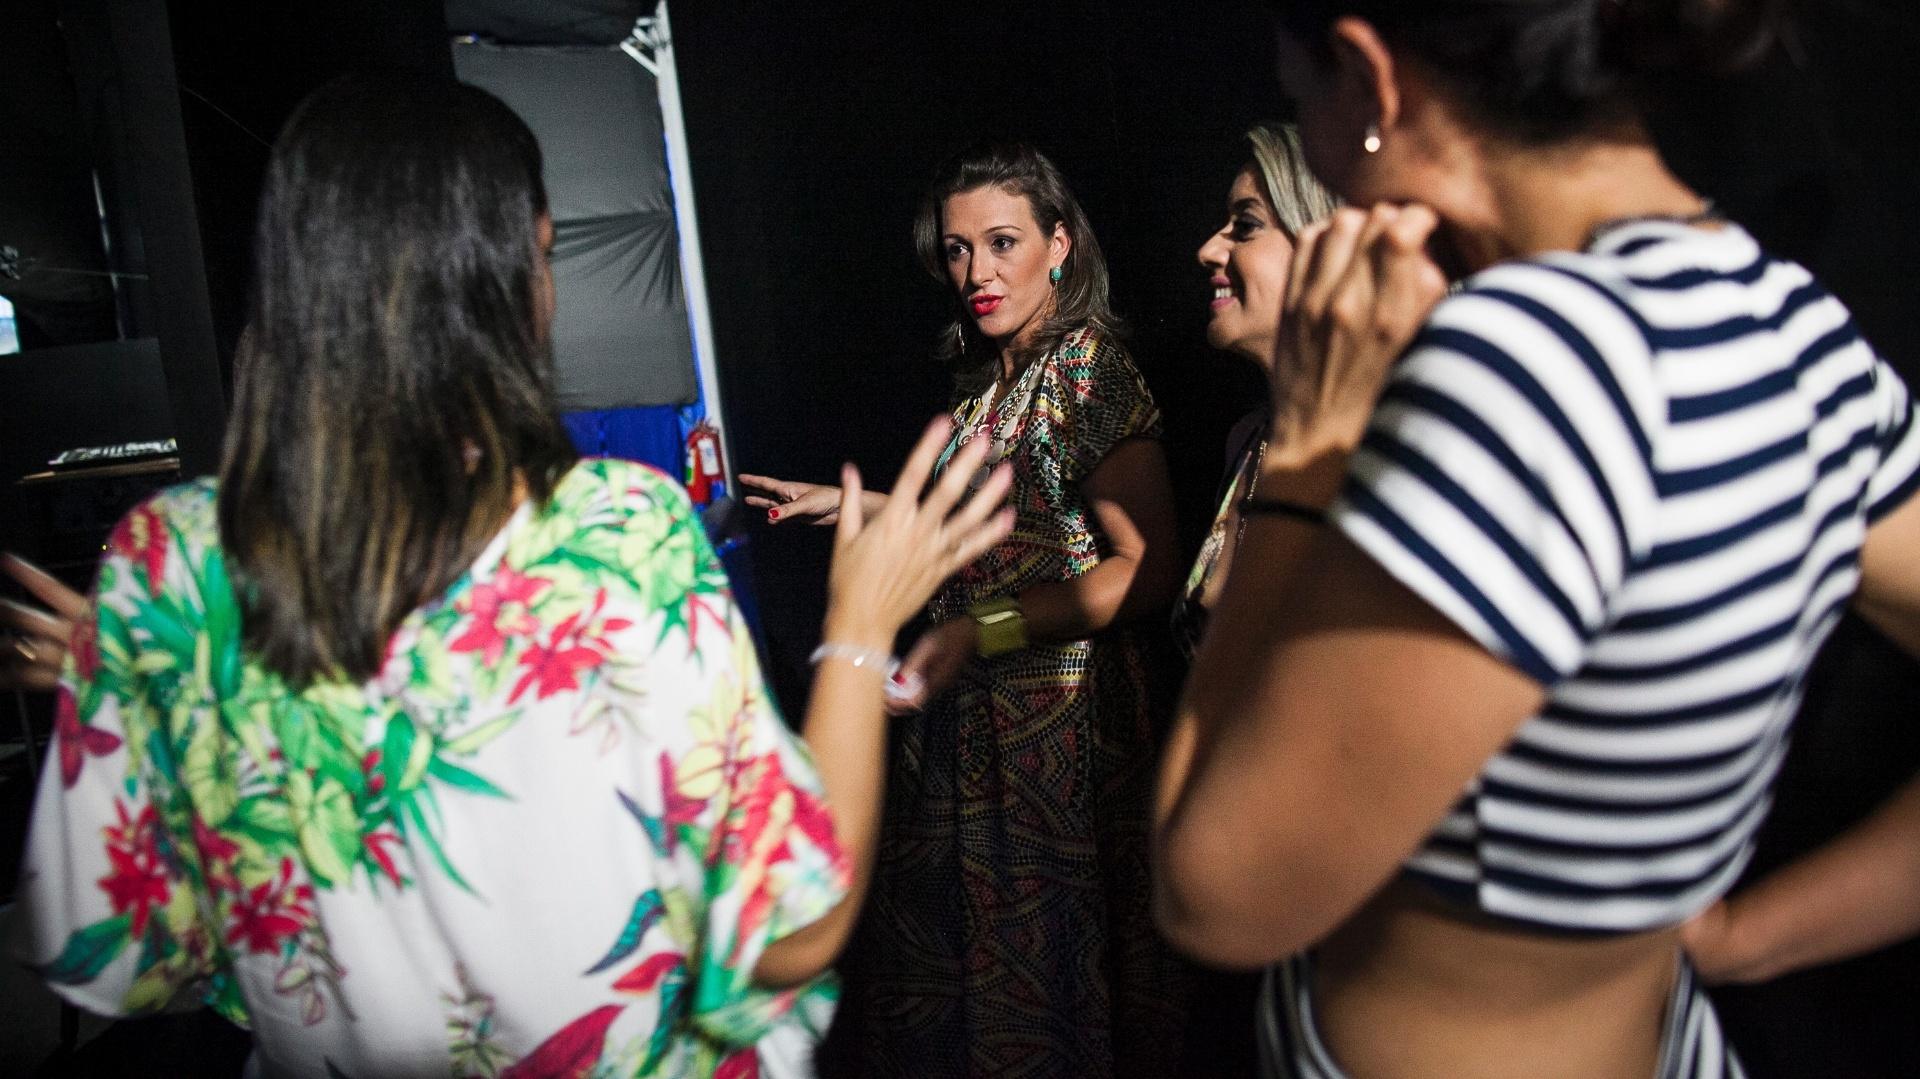 25.jan.2016 - Candidatas a sósia de Claudia Raia se preparam antes de concurso na quadra da Nenê de Vila Matilde, na zona leste de São Paulo. A escola de samba homenageará a atriz e bailarina em seu enredo do Carnaval de 2016.